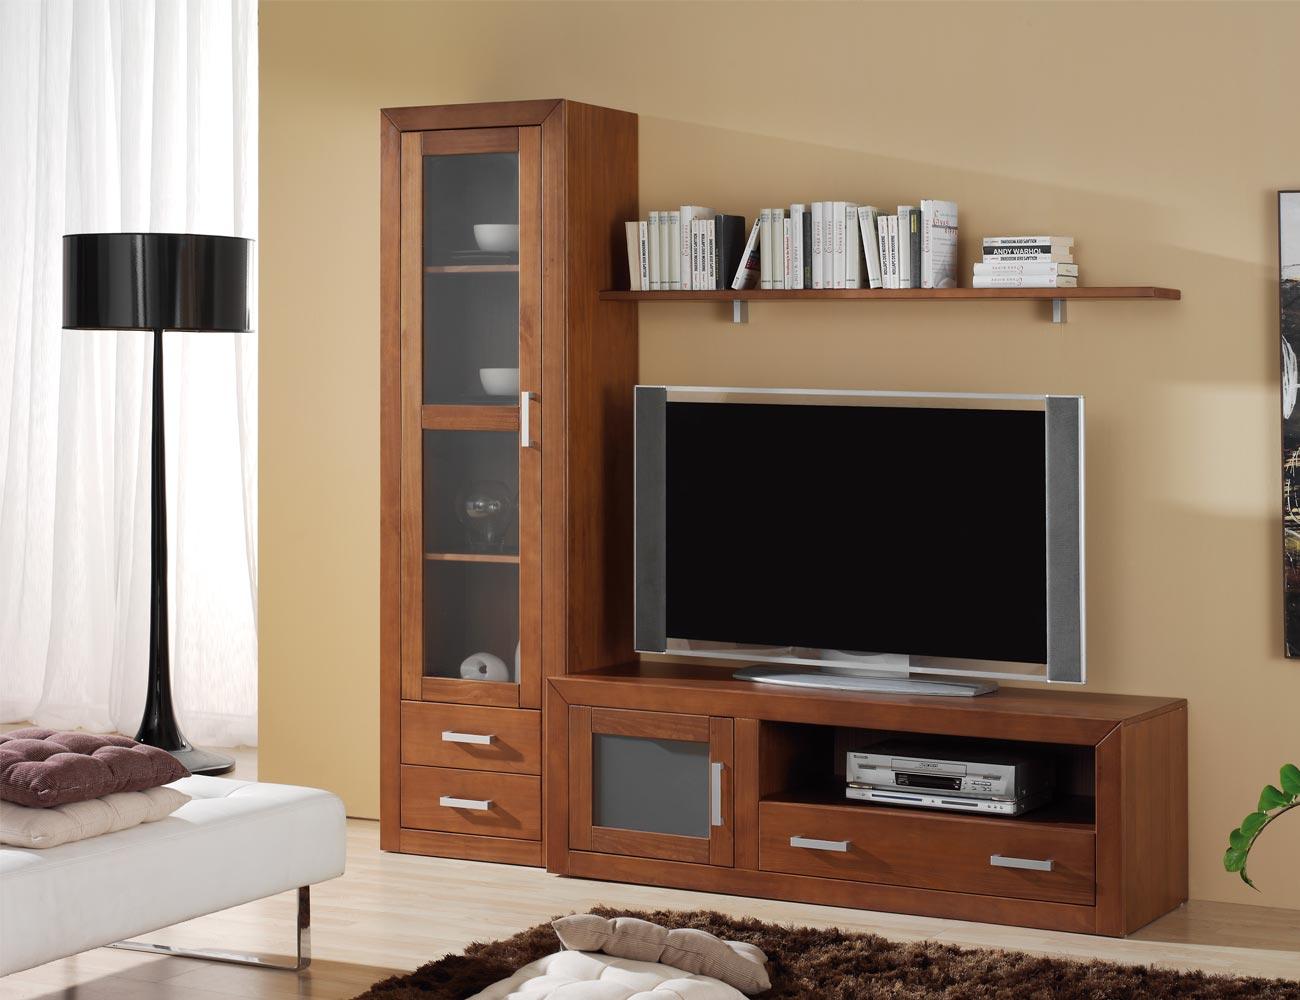 Ambiente18 mueble salon comedor vitrina tv  nogal